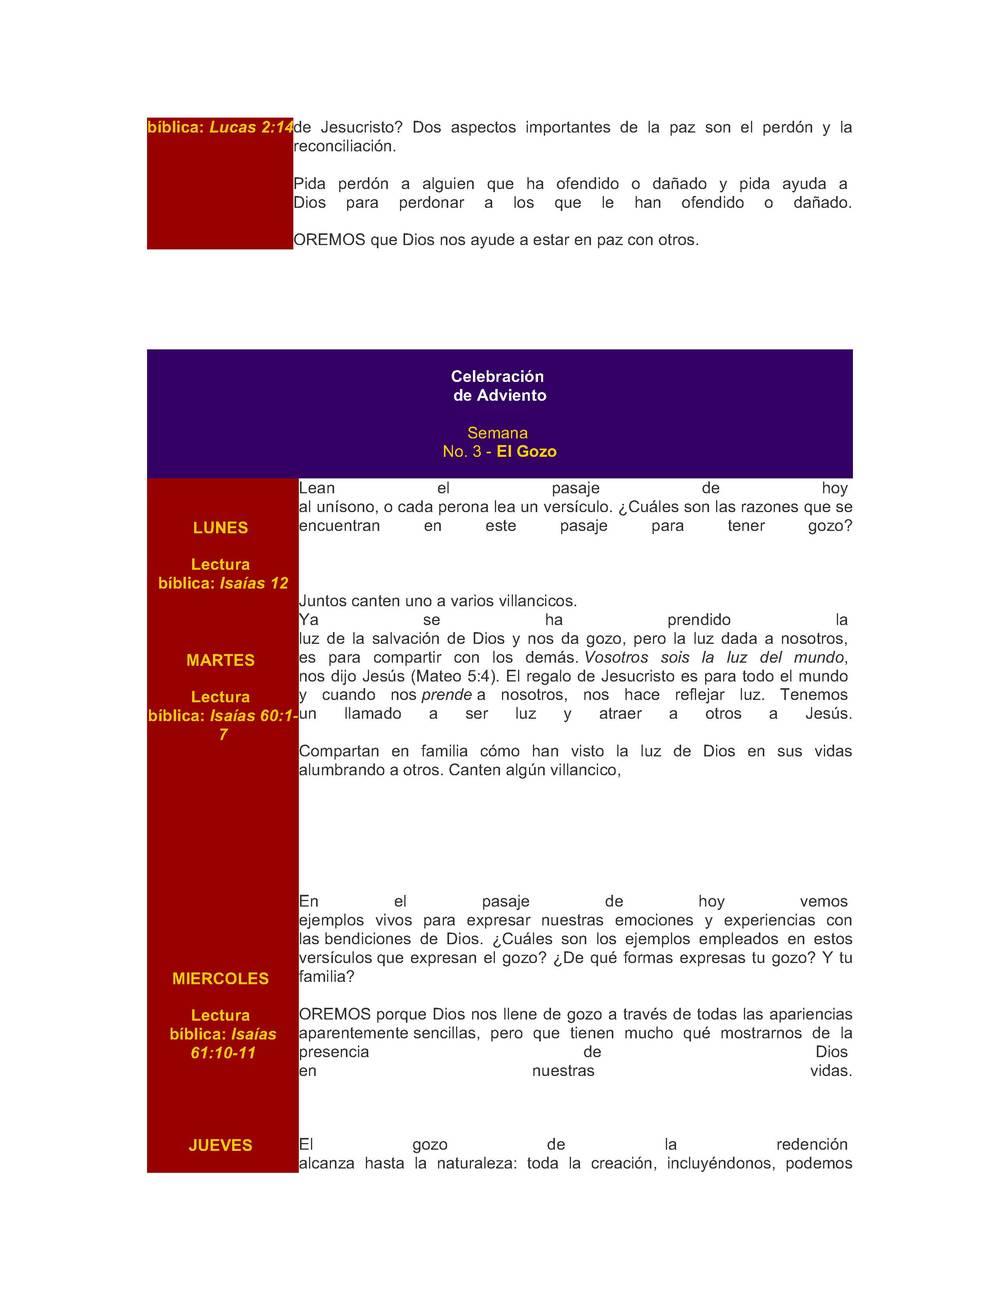 file-page3.jpg